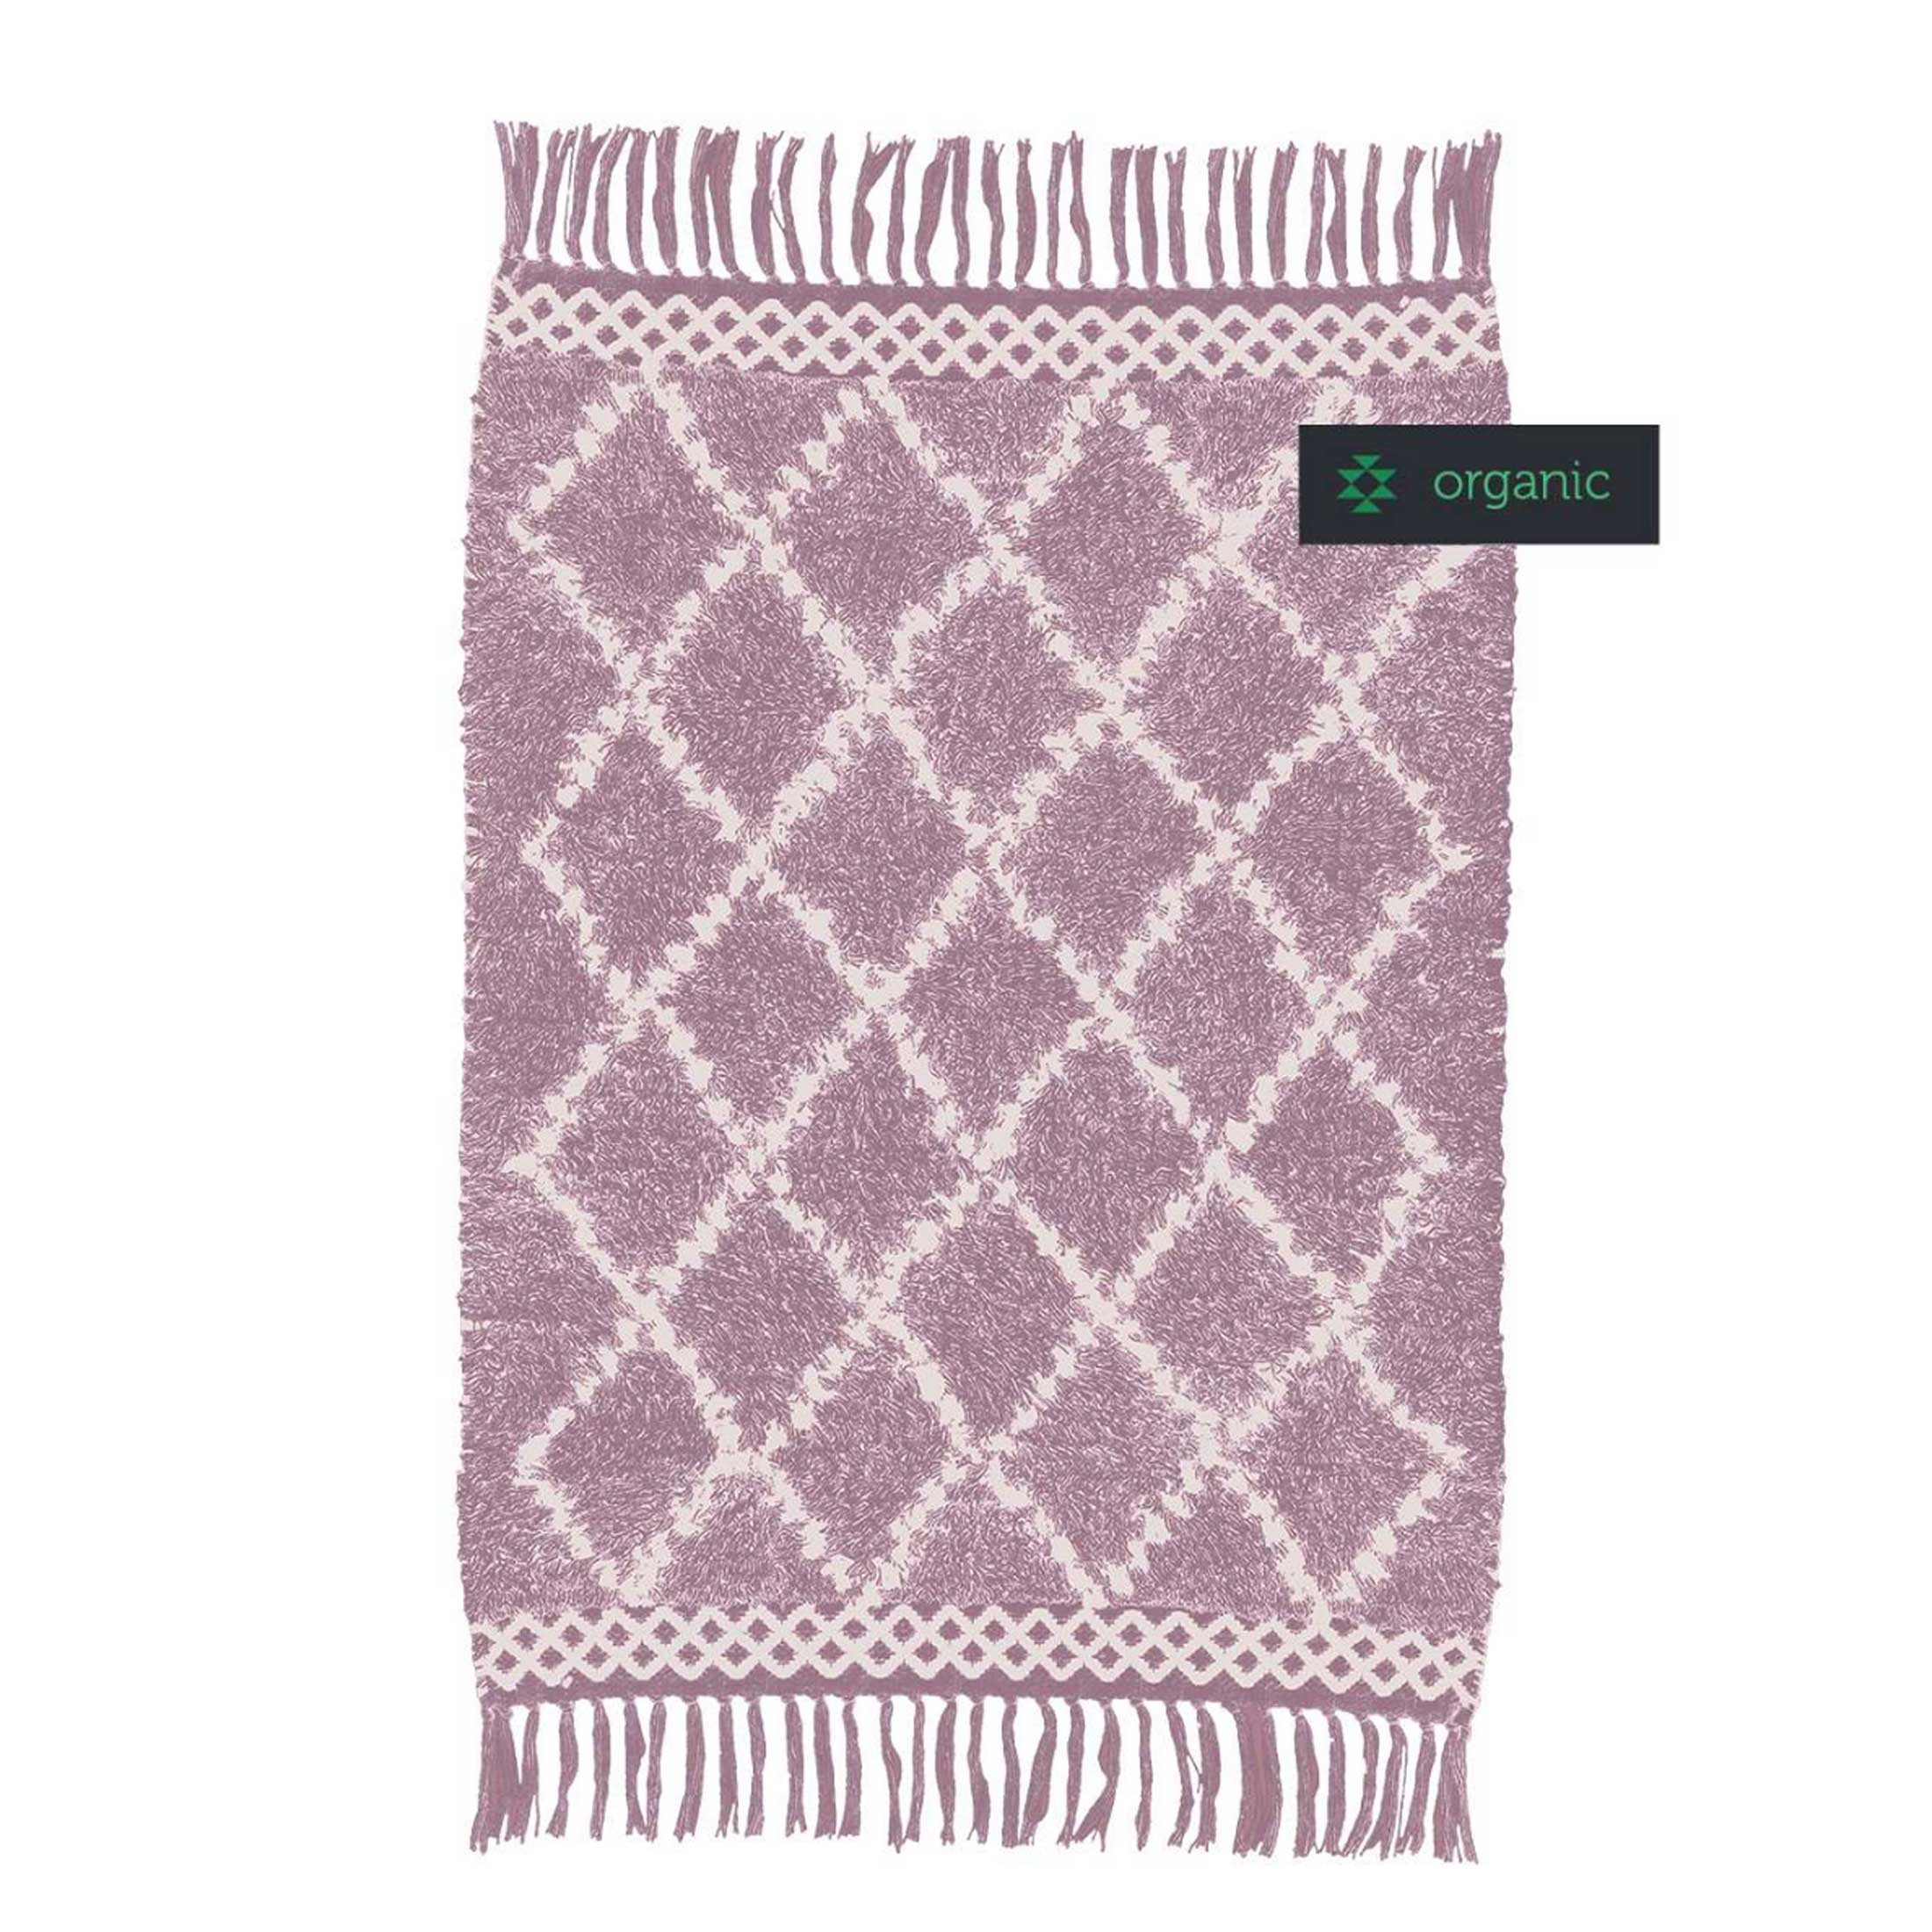 Beni Ourain Teppich in Rosa und Beige aus weicher Bio Baumwolle von Liv Interior. Gesunder Wohnzimmer-Teppich aus fairer Produktion | schneller Versand